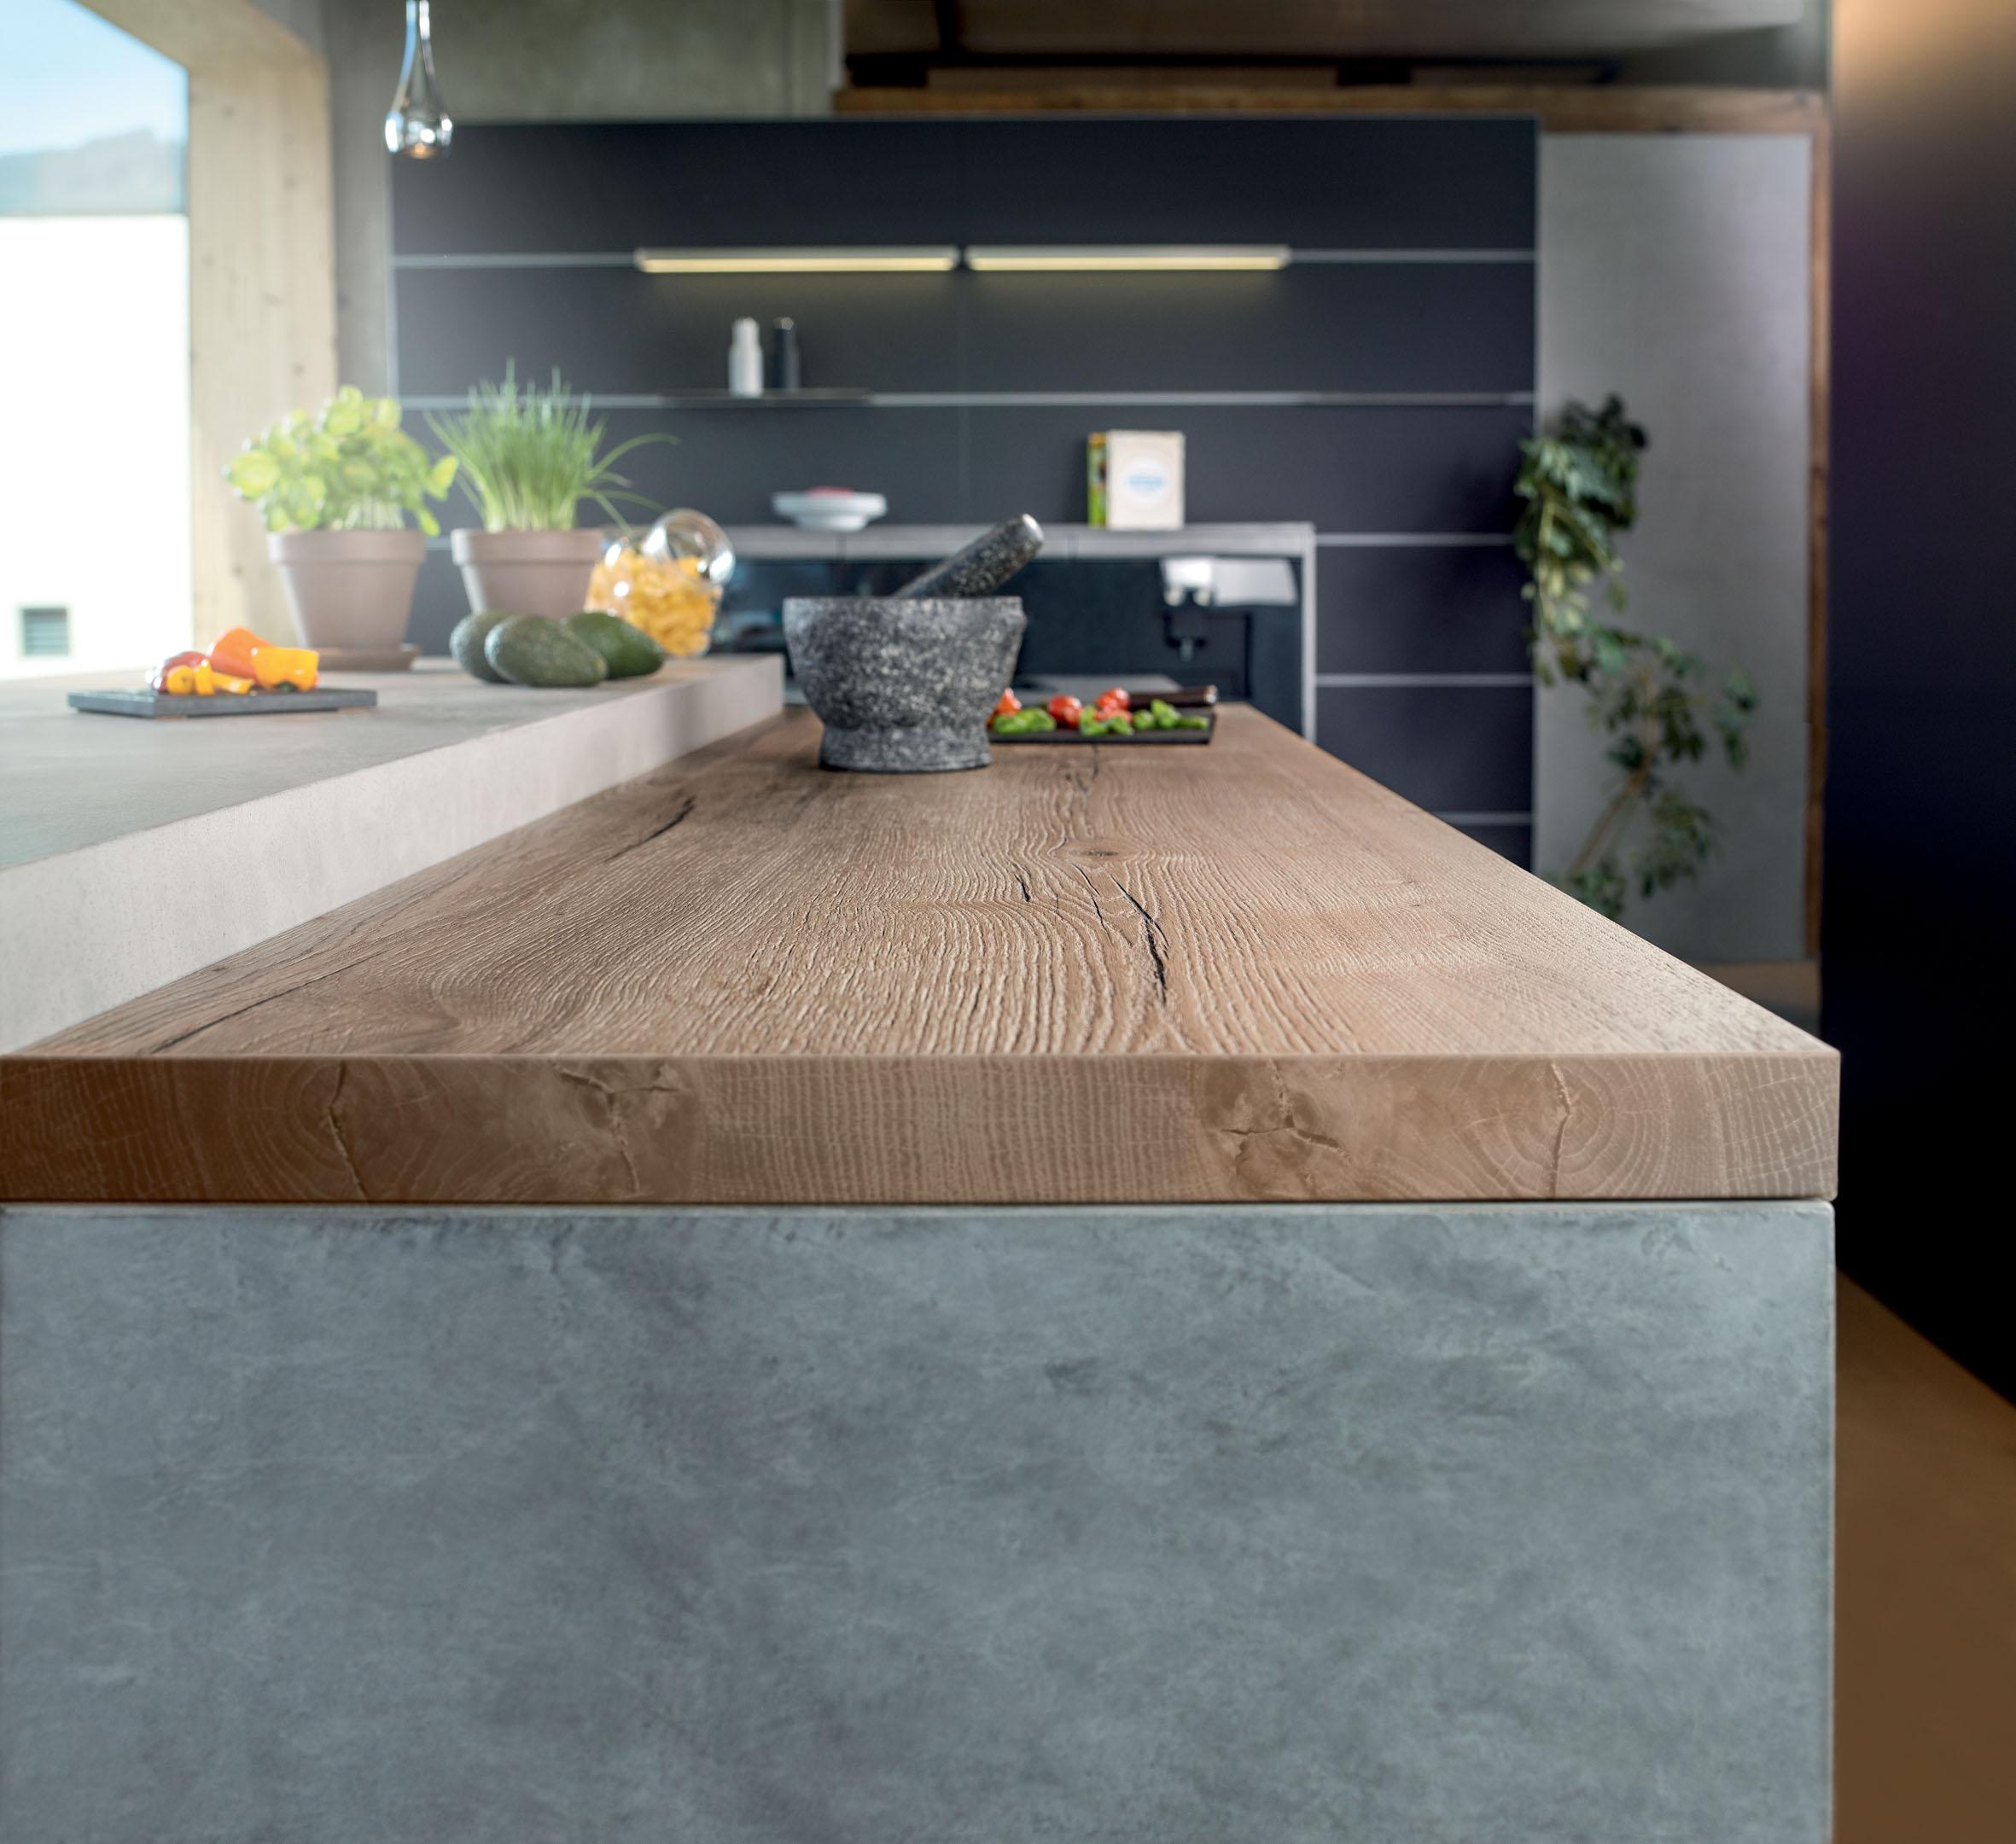 Blat din PAL melaminat, cea mai versatilă soluţie pentru suprafeţele de lucru din bucătărie